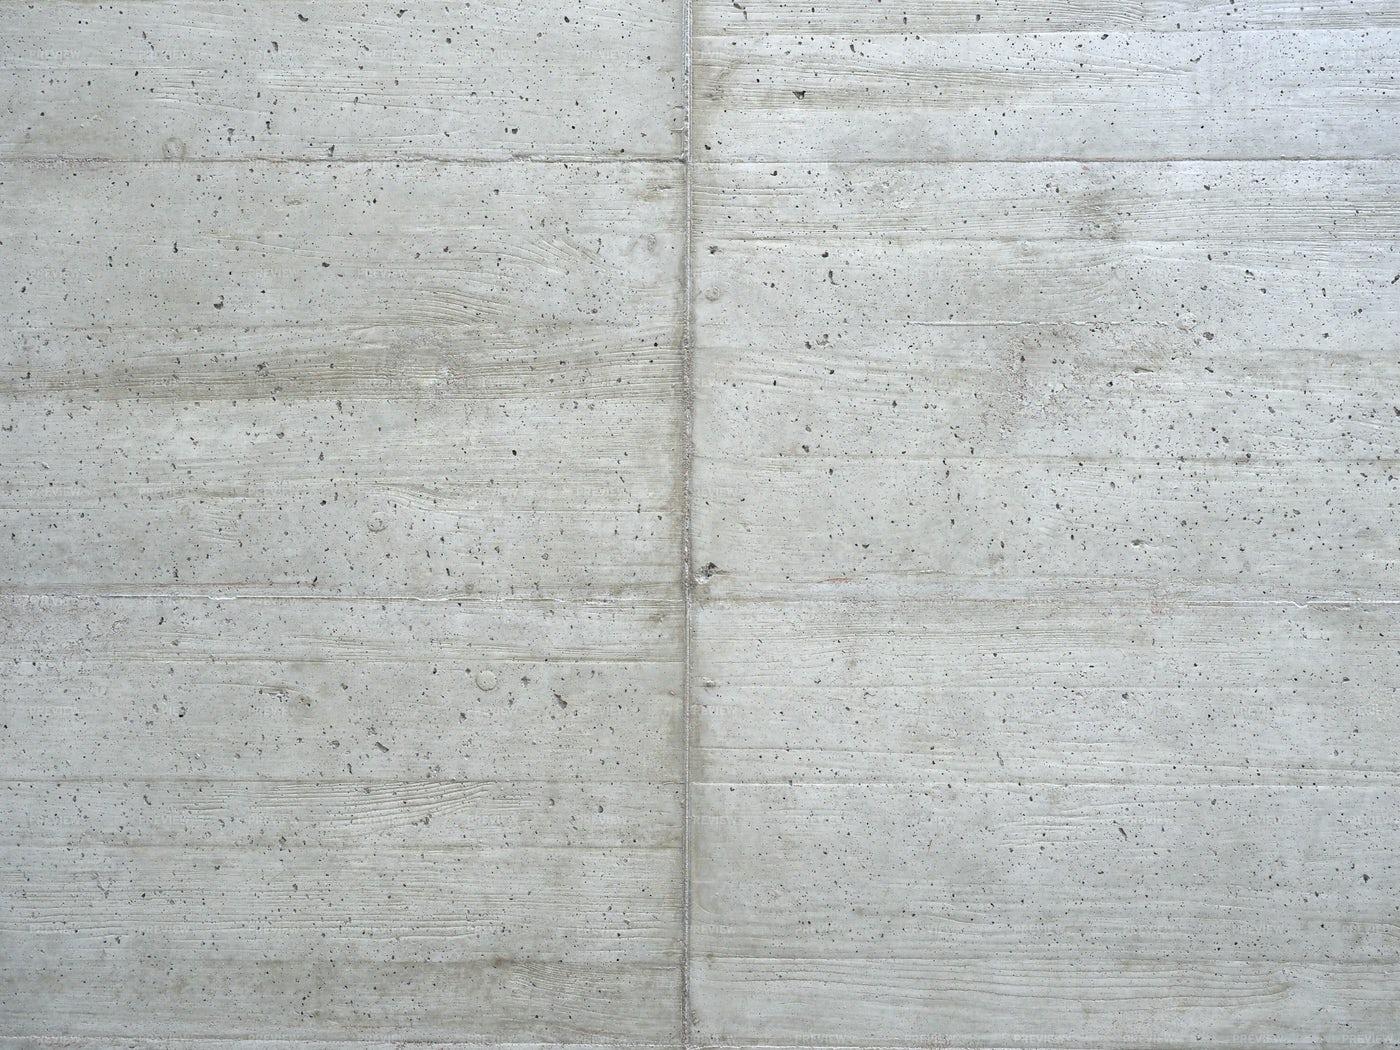 Grey Concrete Wall: Stock Photos